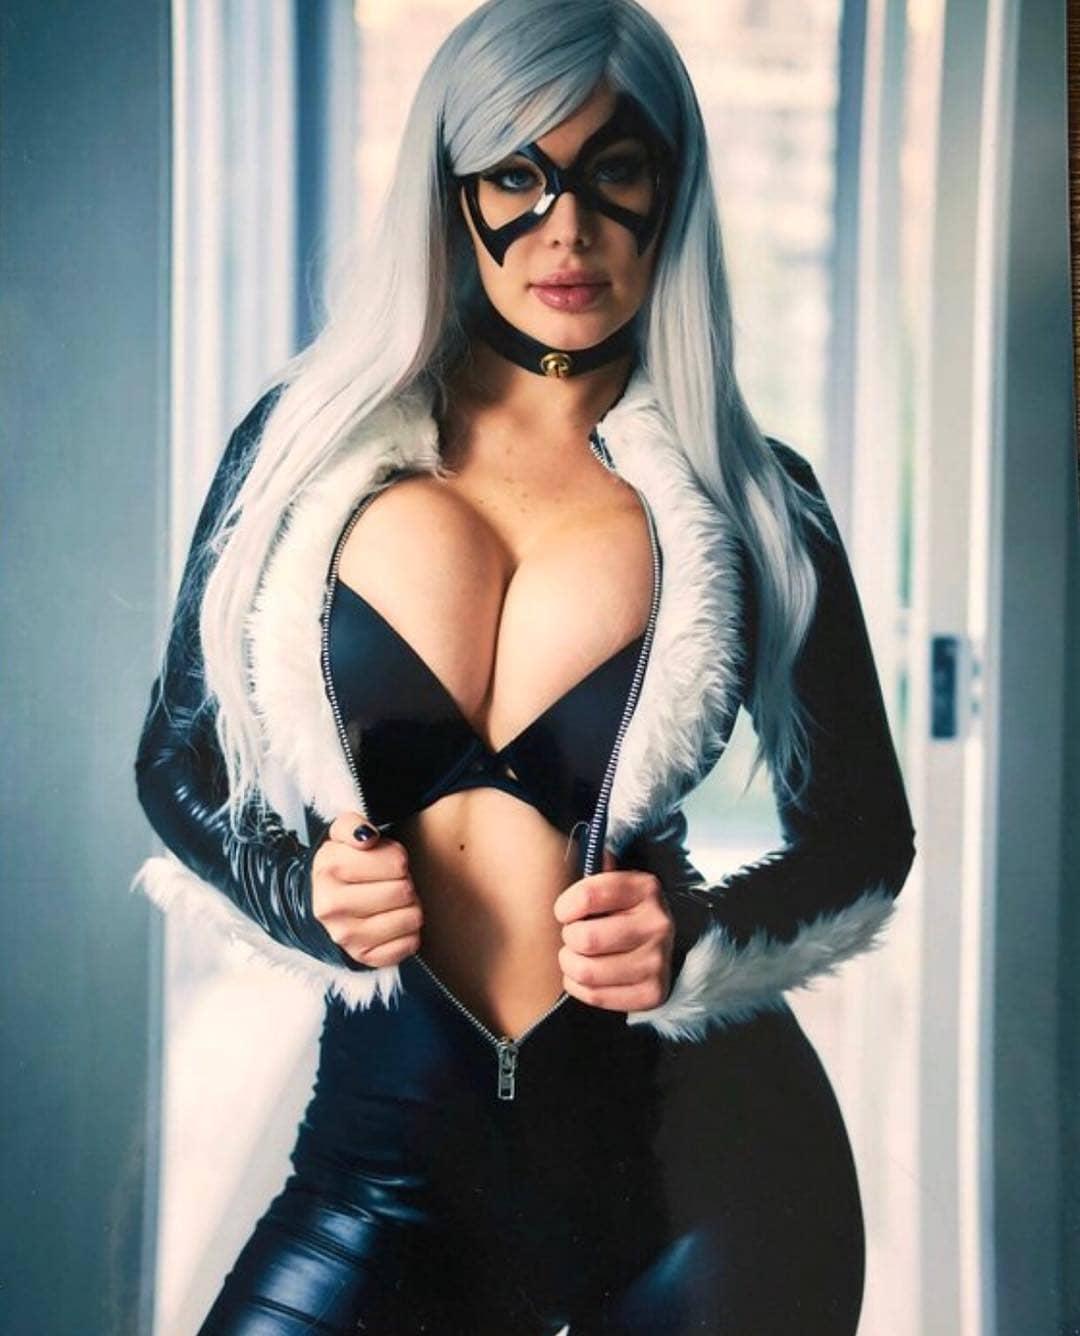 blackcat cosplay by missveronikablack